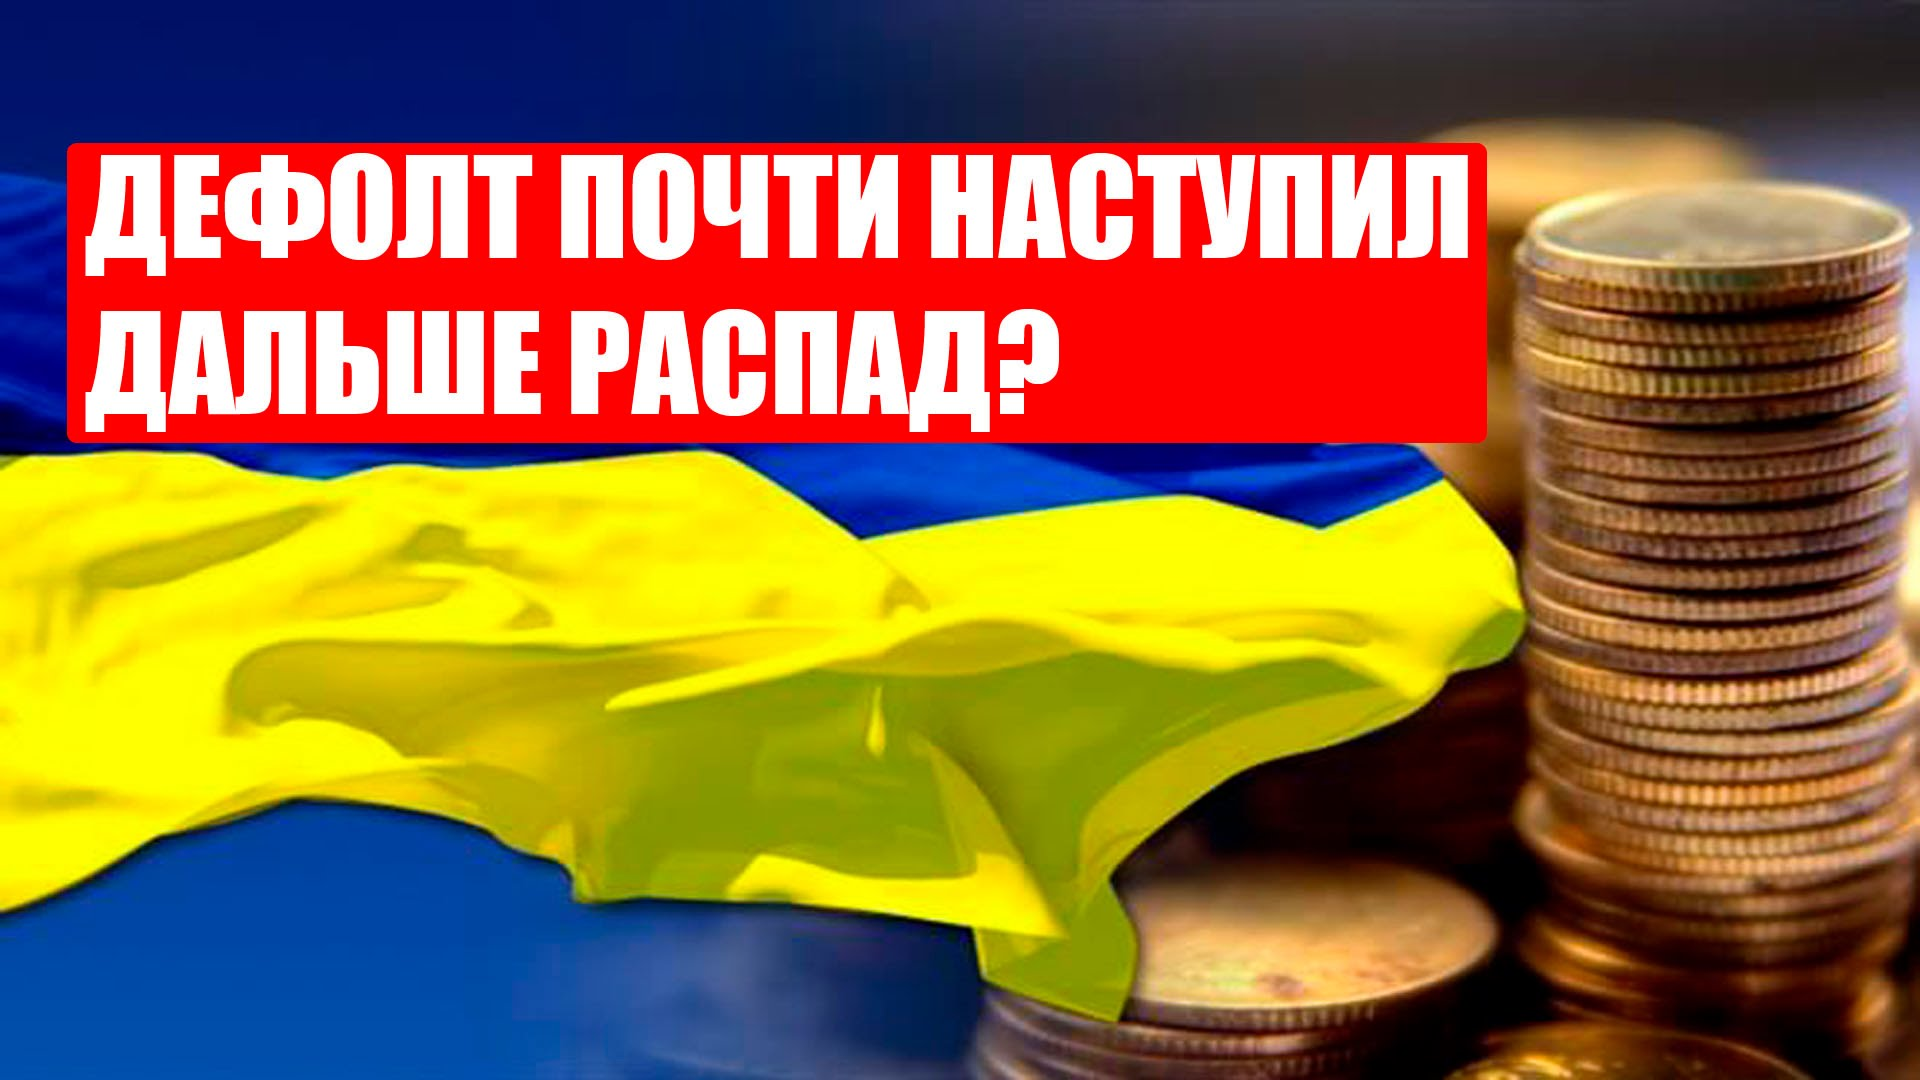 Когда на украине наступит дефолт